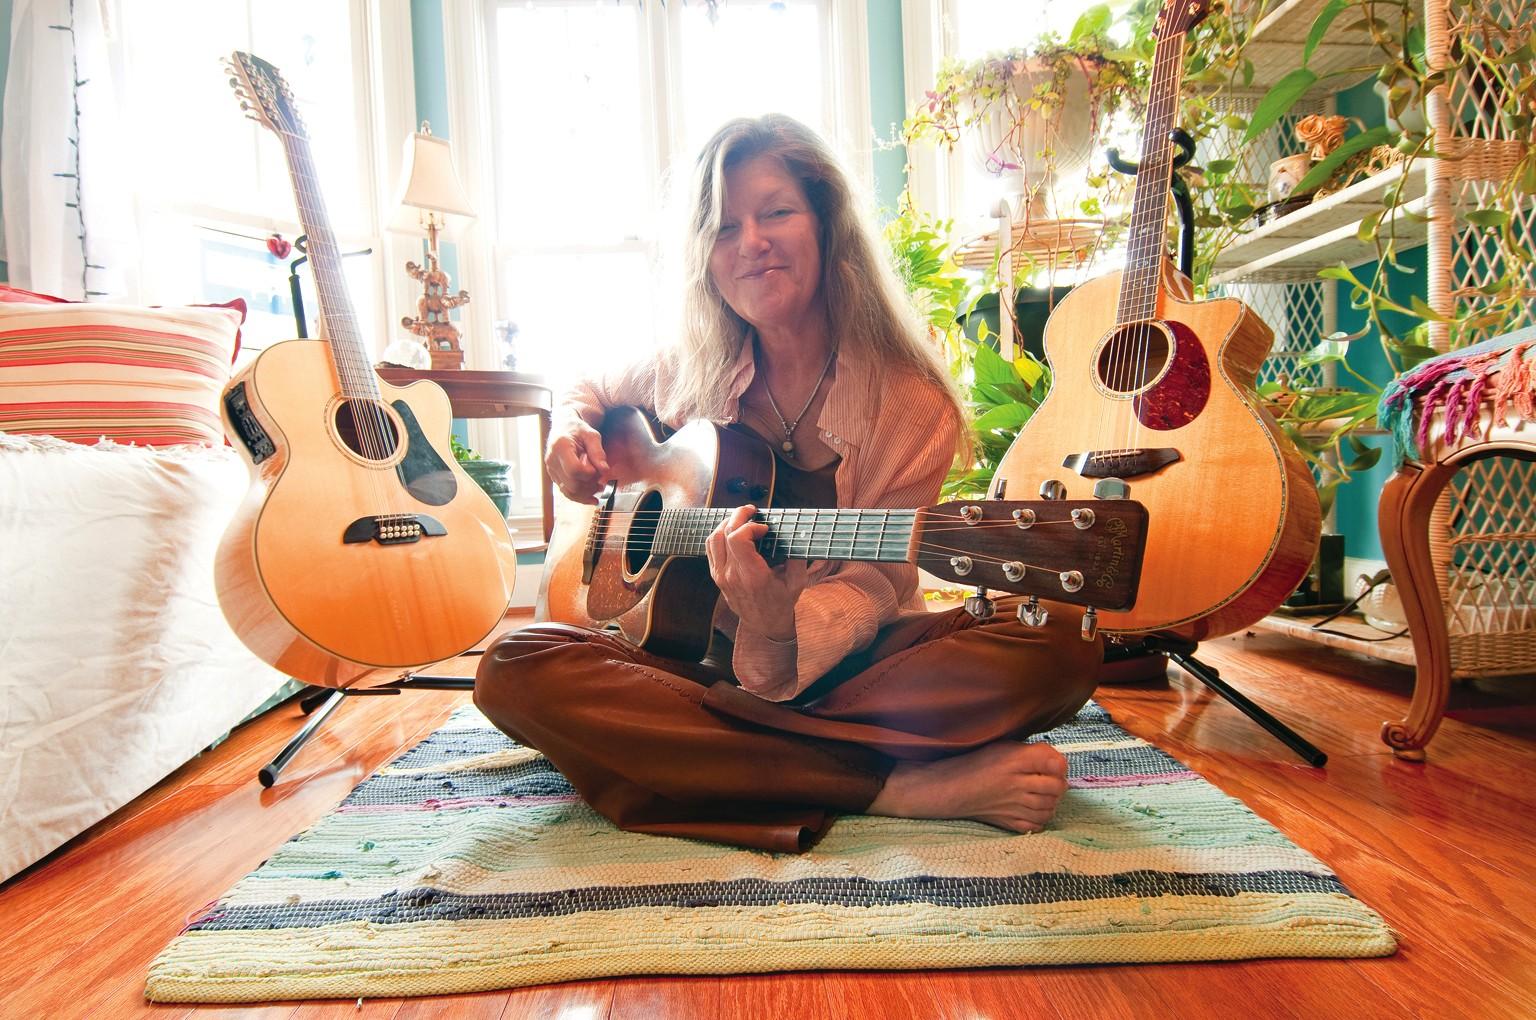 Caroline Aiken - PHOTO BY JP BOND